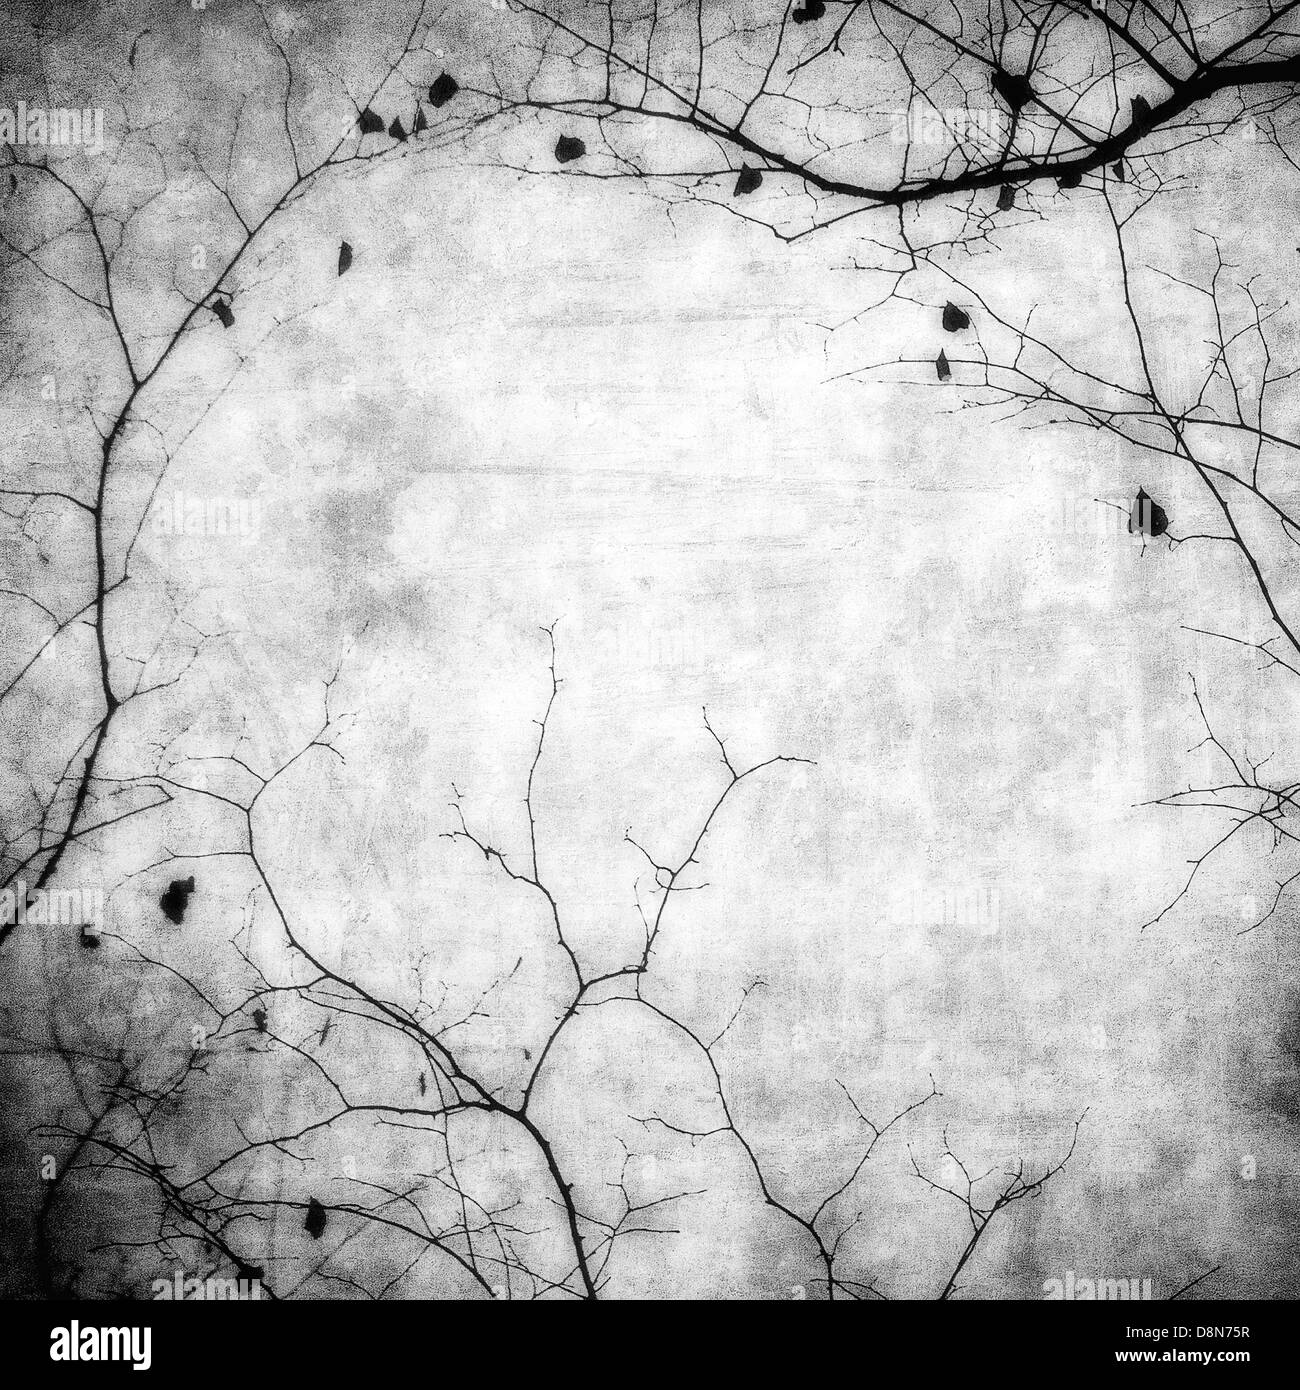 Grunge-Rahmen mit Baum-Silhouetten Stockbild